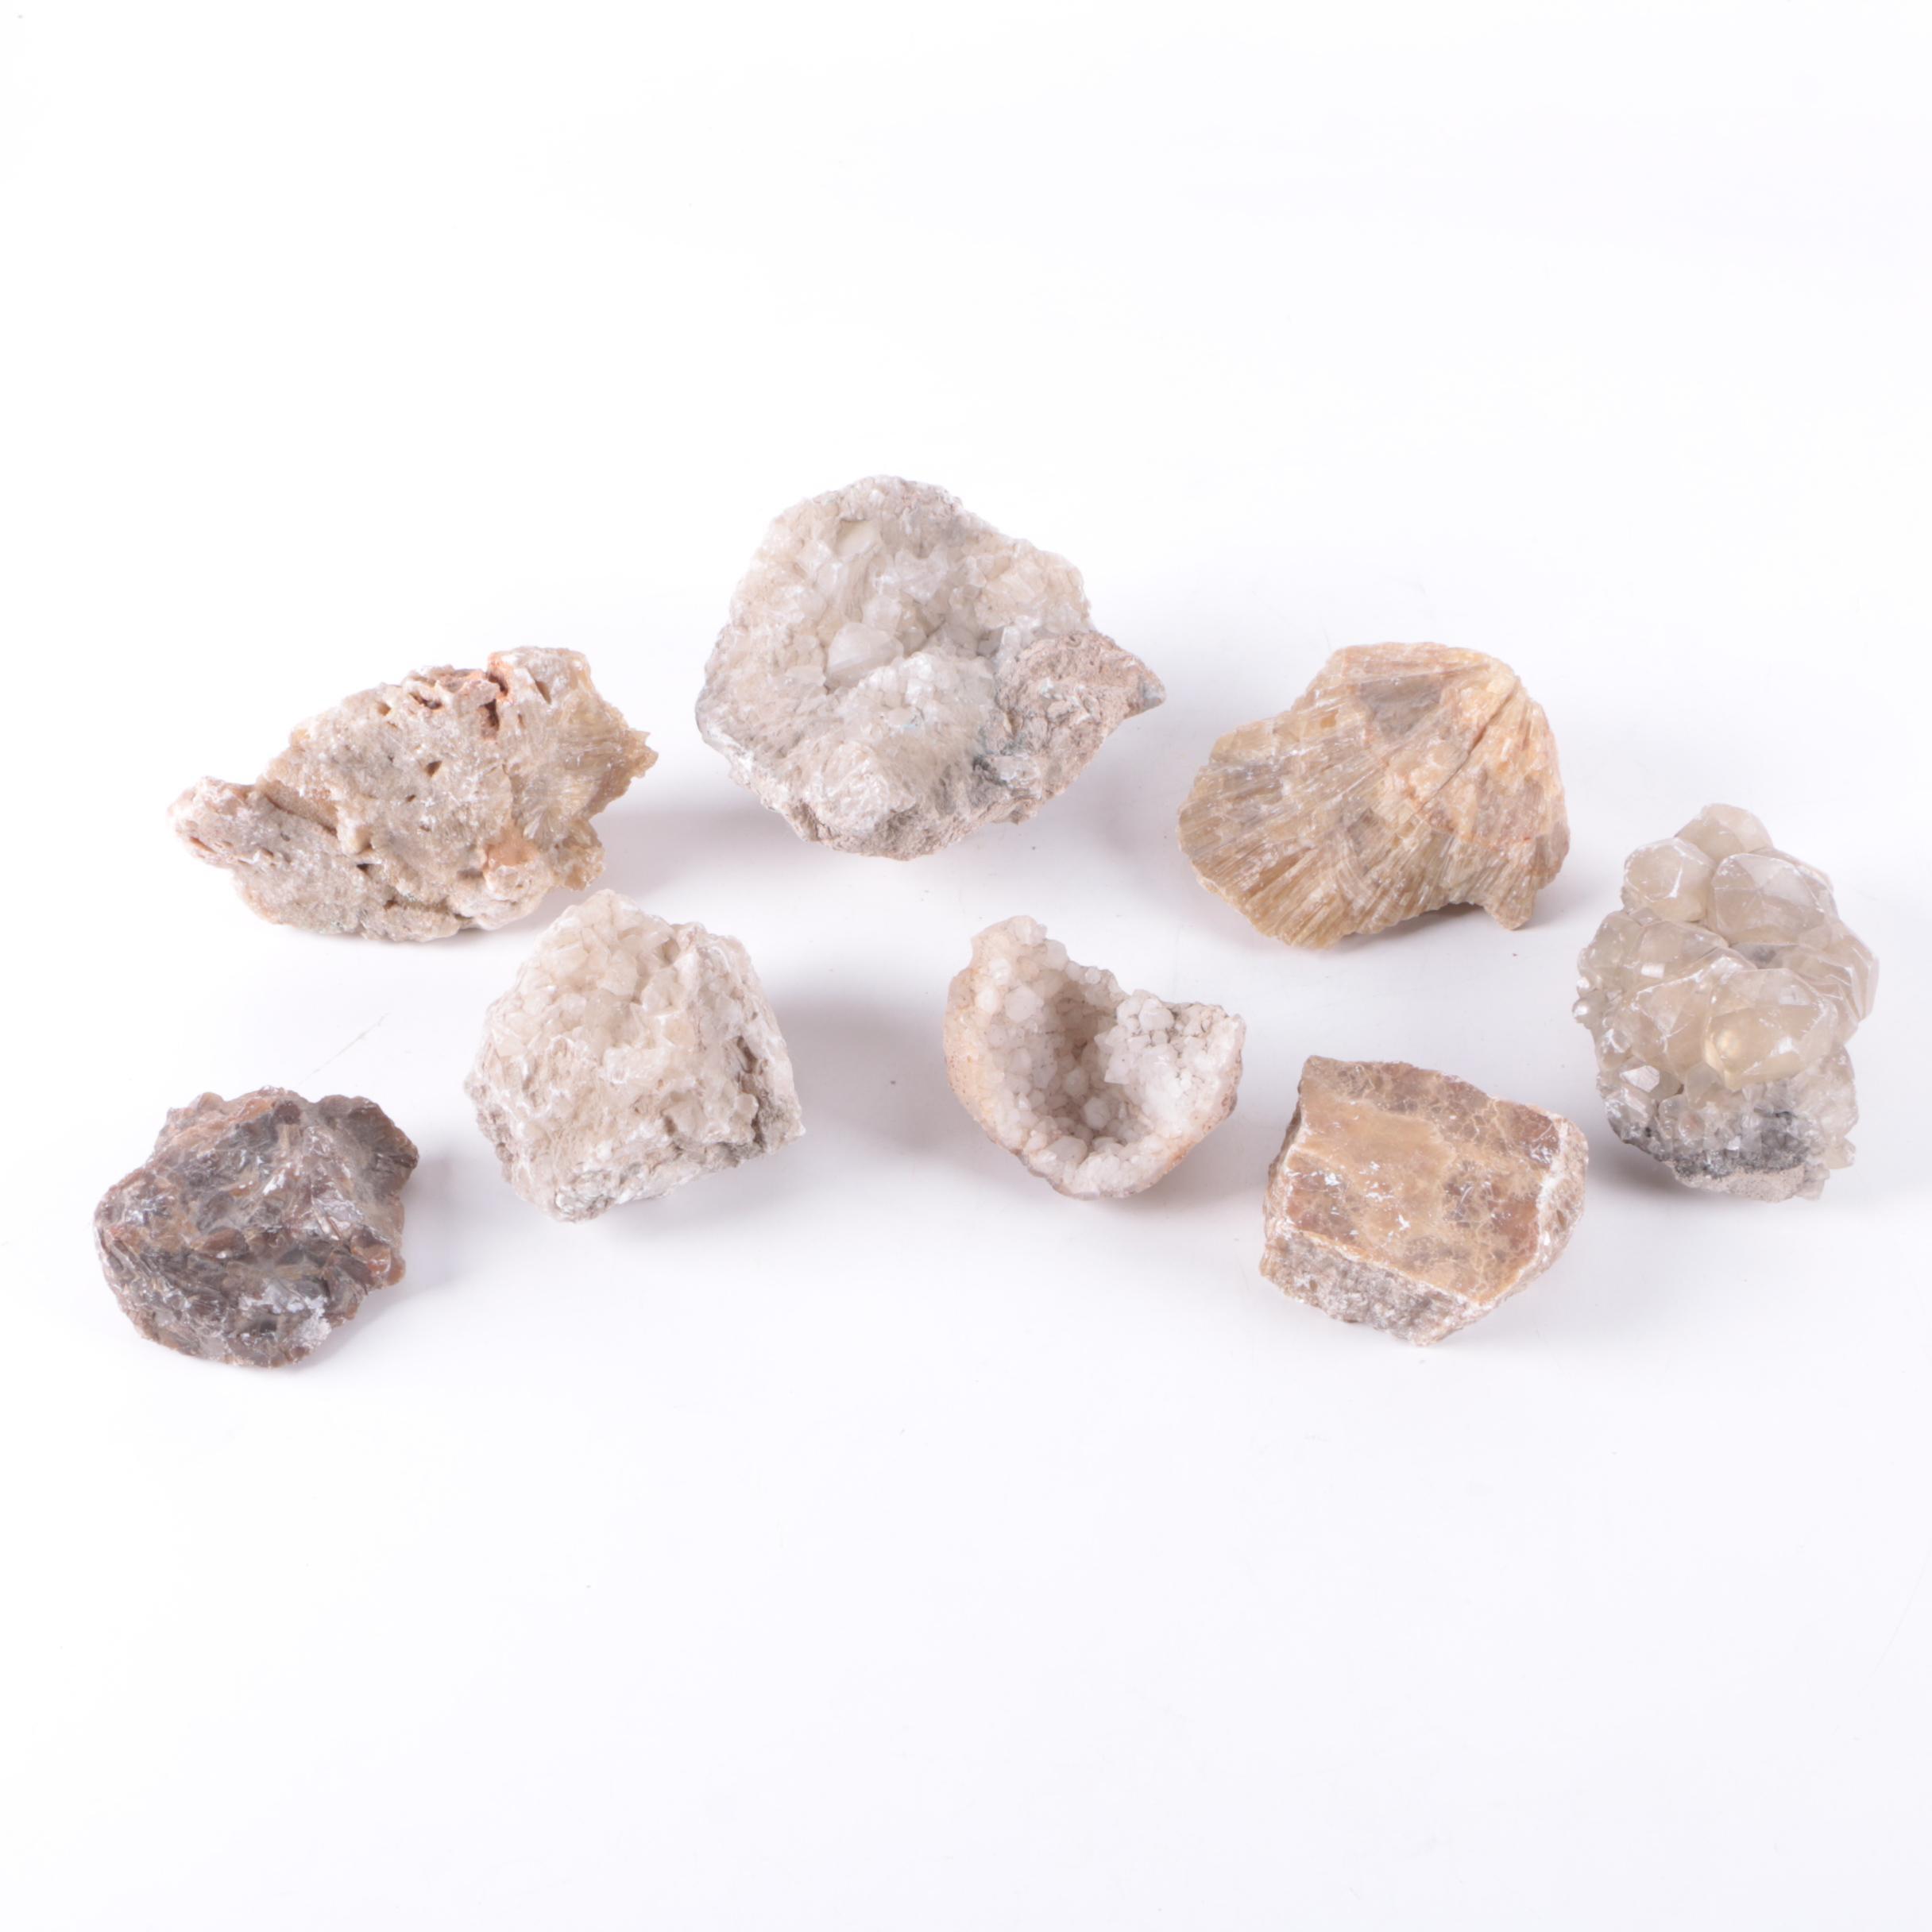 Calcite Specimens